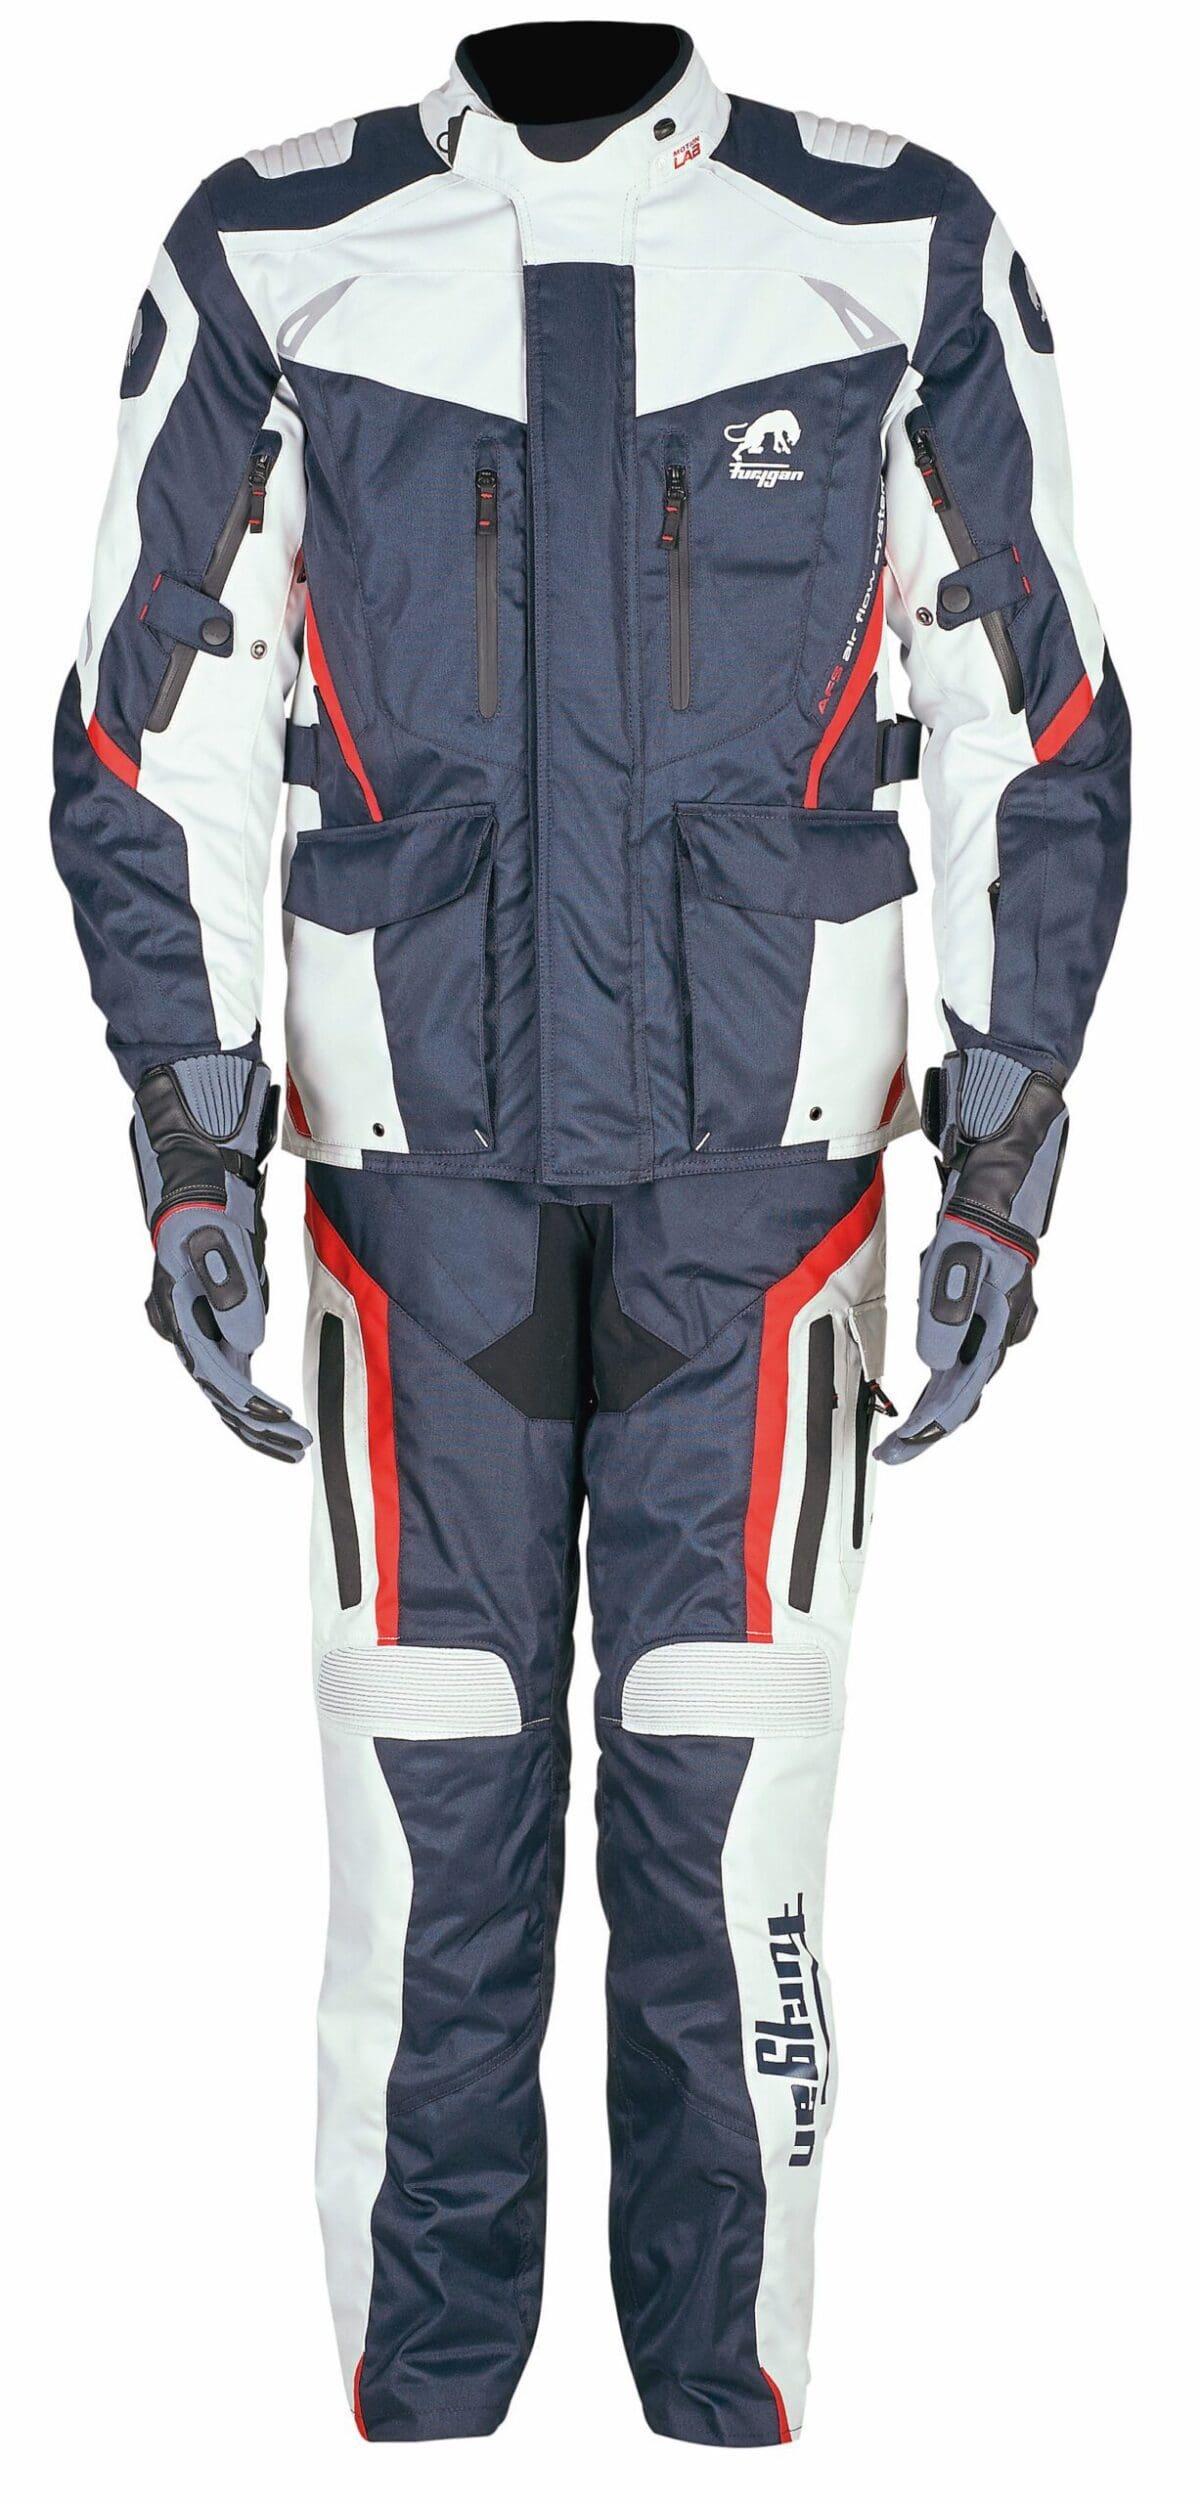 Furygan Apalaches Jacket & Trousers